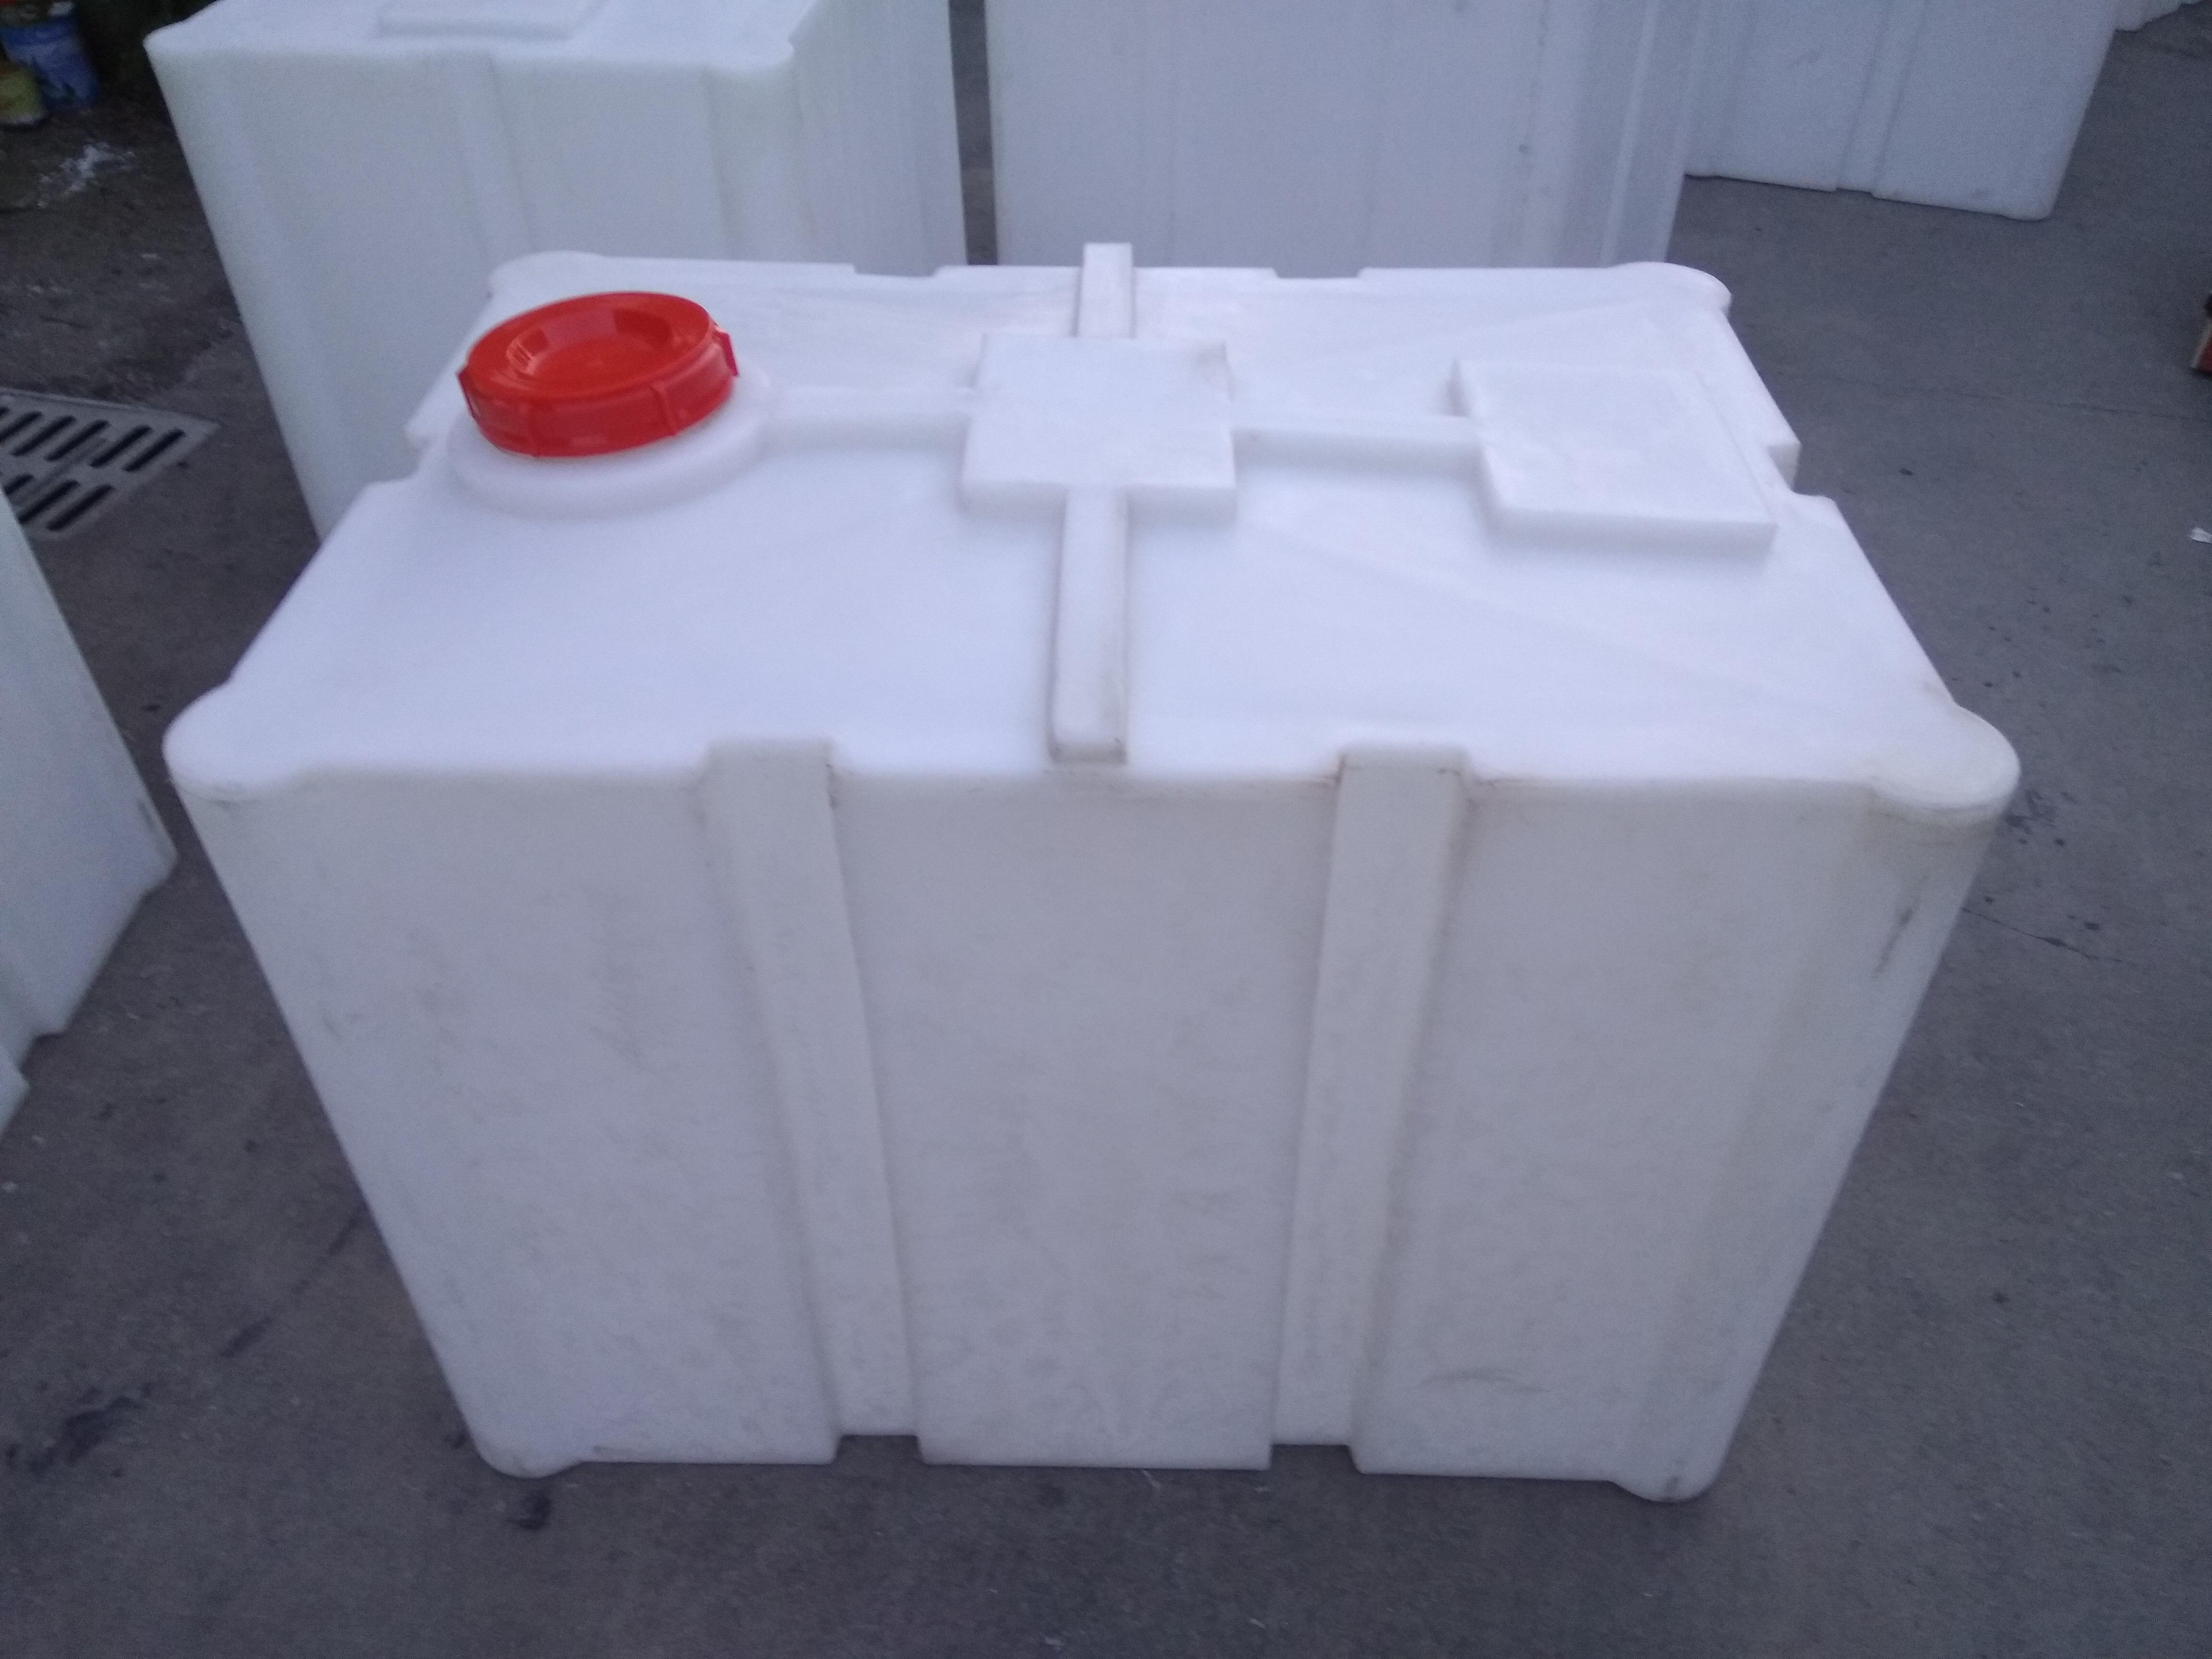 Platz 0,5 tonnen korrosionsschutz gegen säure - base - neUe beimischung Tank von importiertem material den eimer Plus - kits 500l